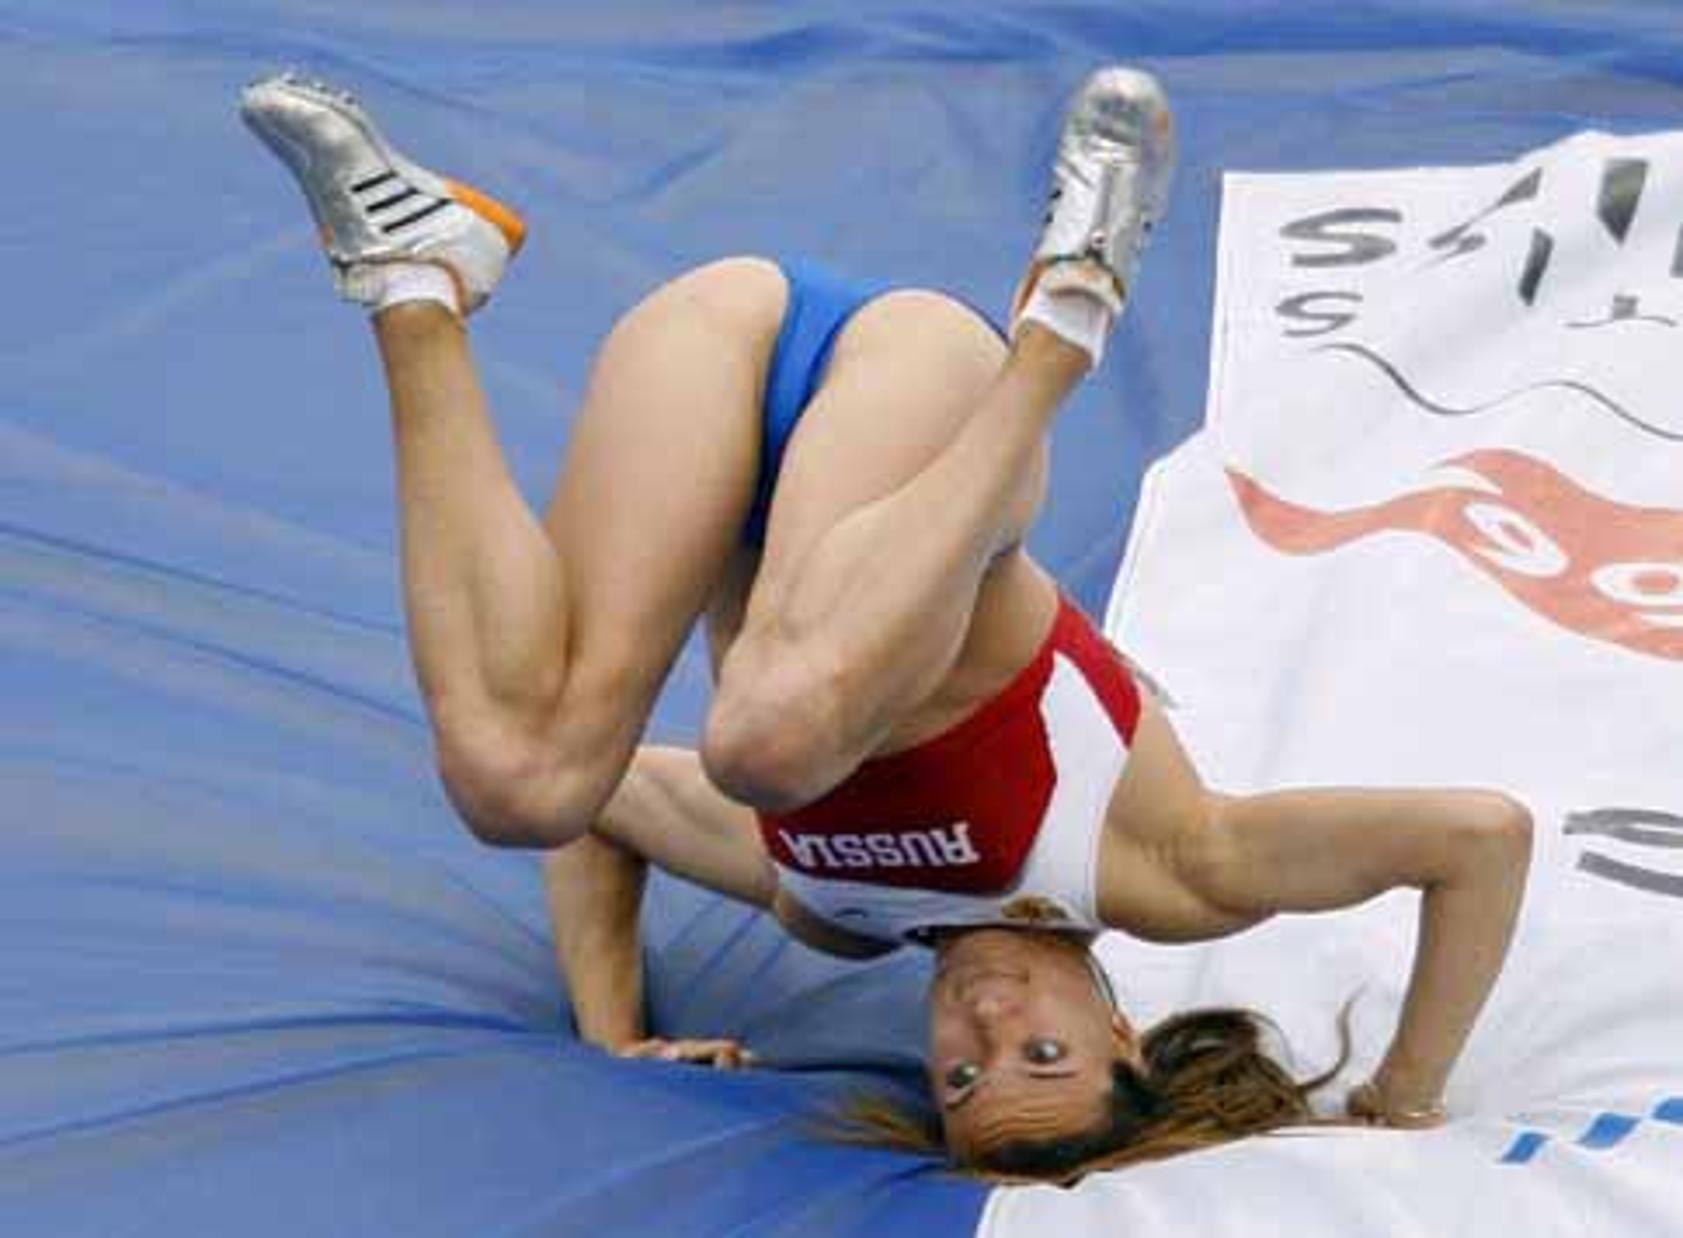 Трусики спортсменок фото, Засветы спортсменок, спортсменки засветились во 1 фотография